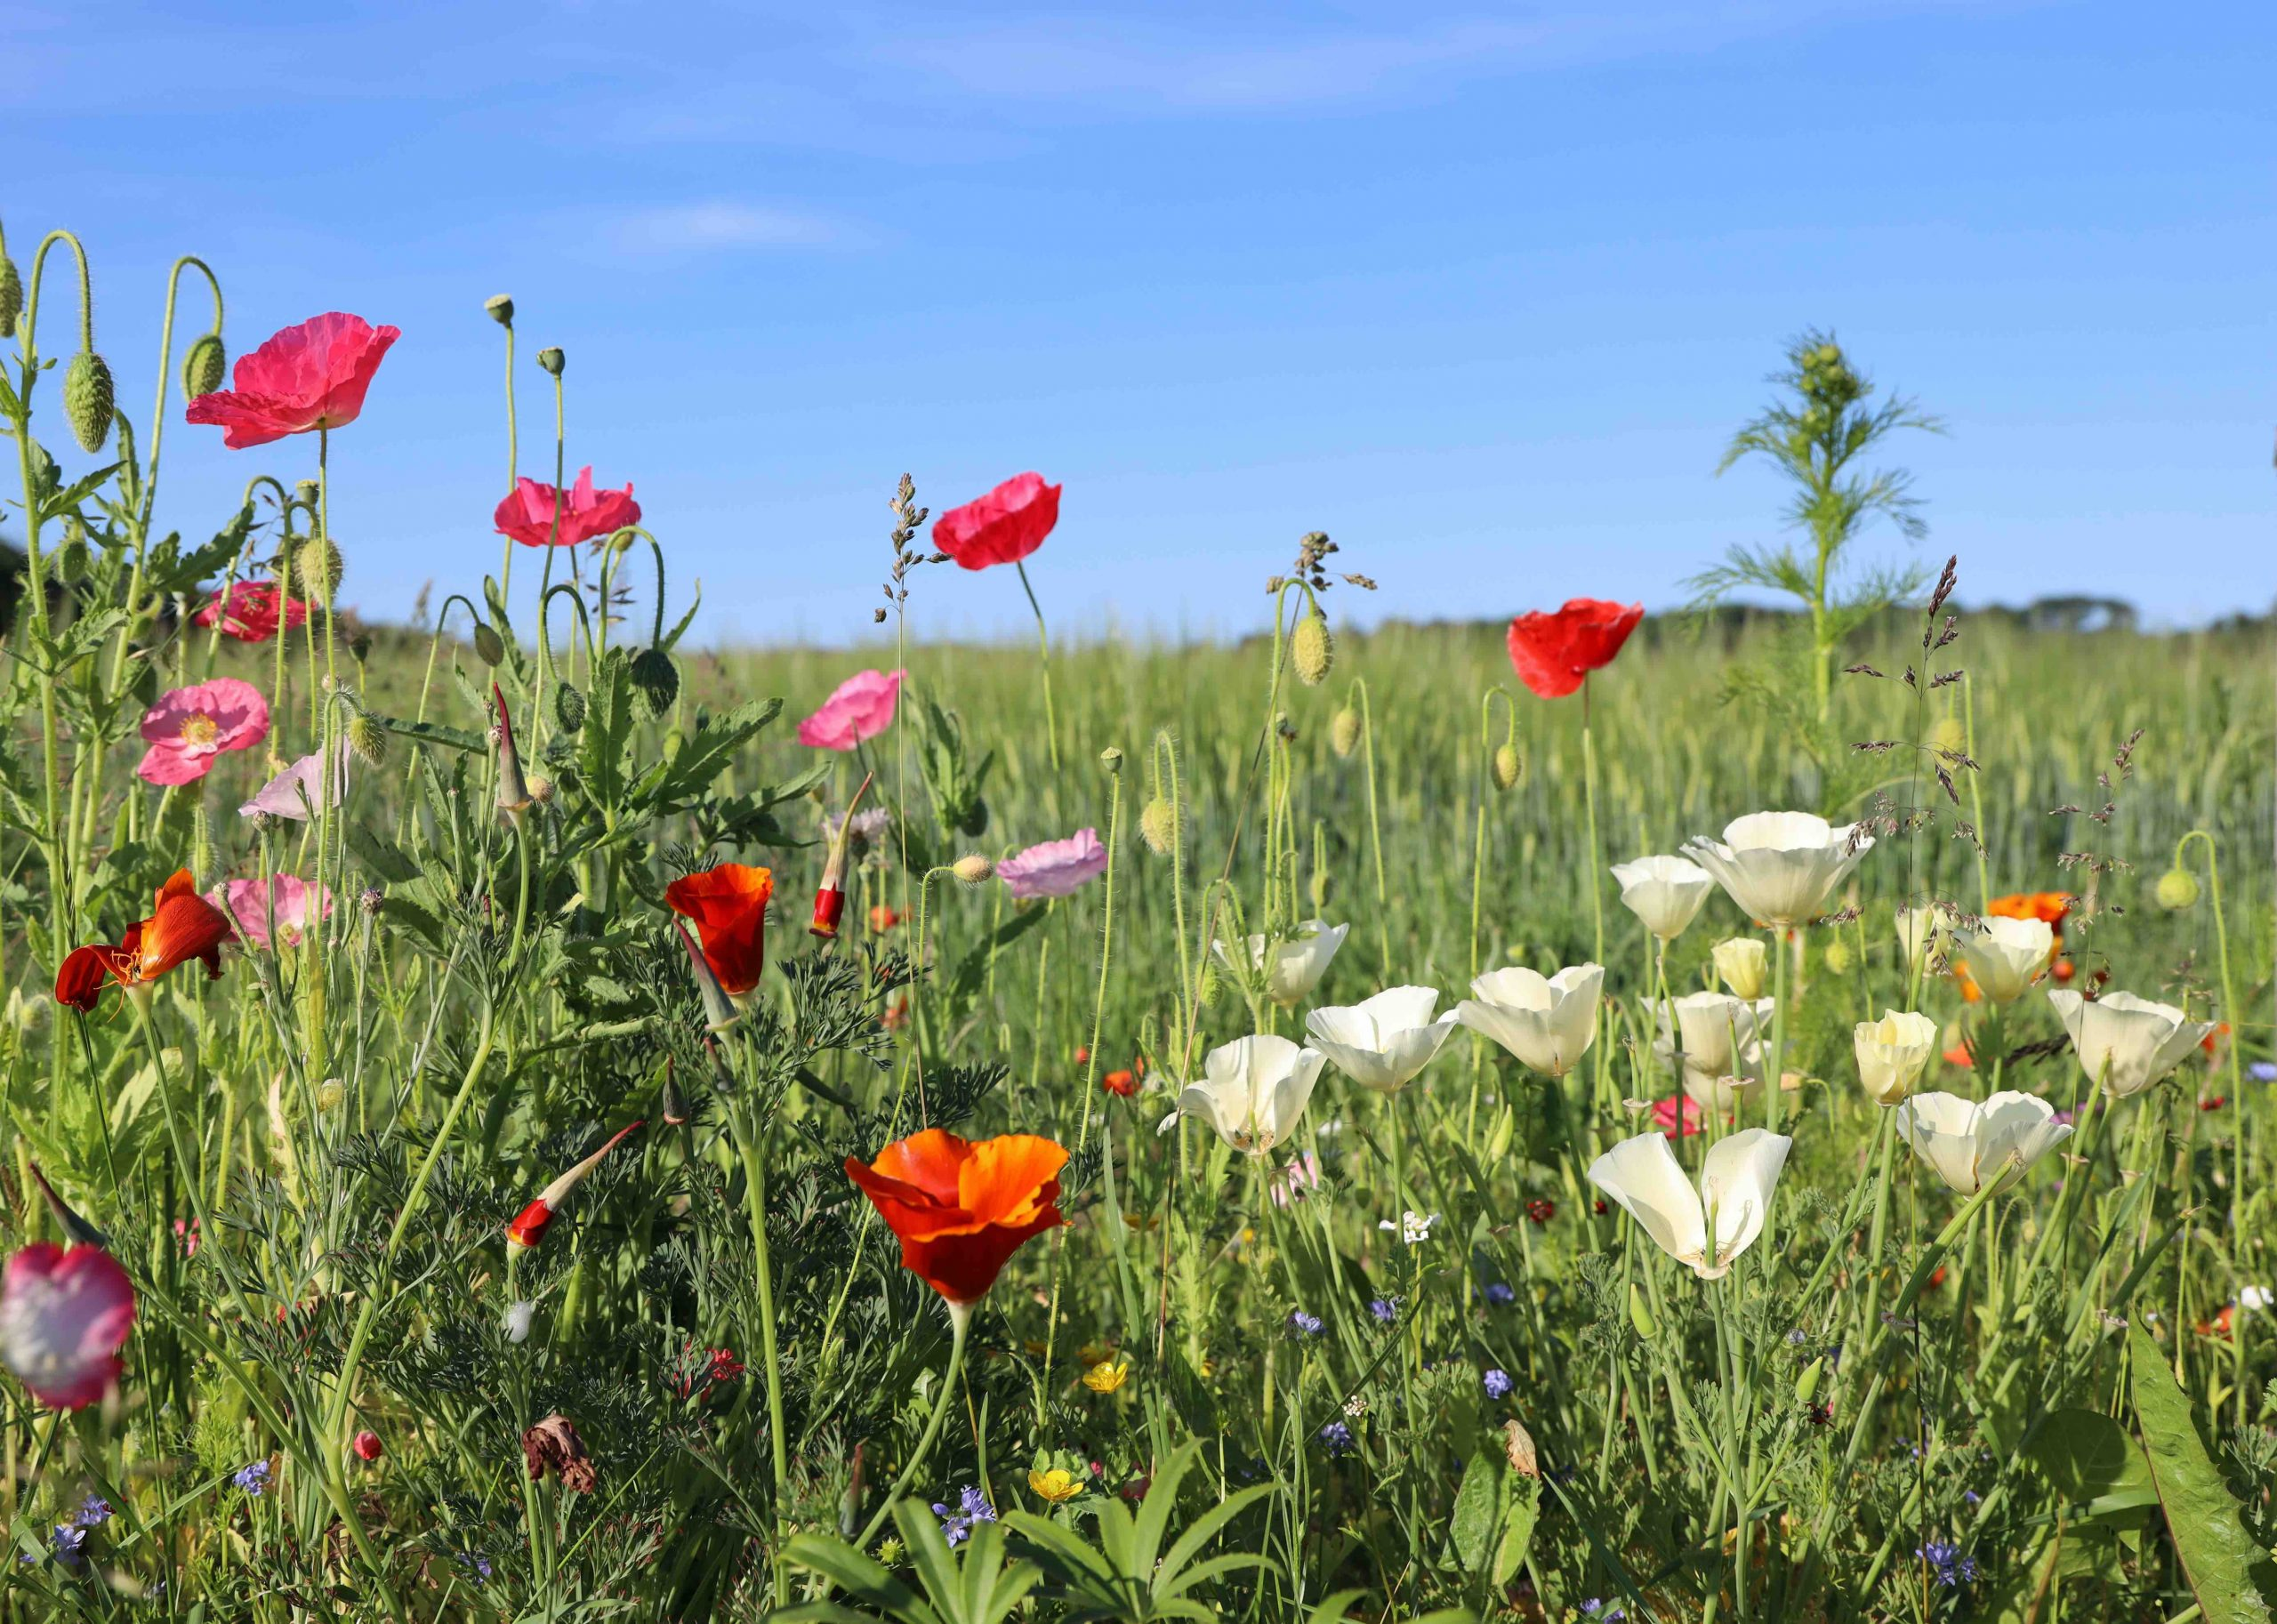 blomster, mark, bier, planter